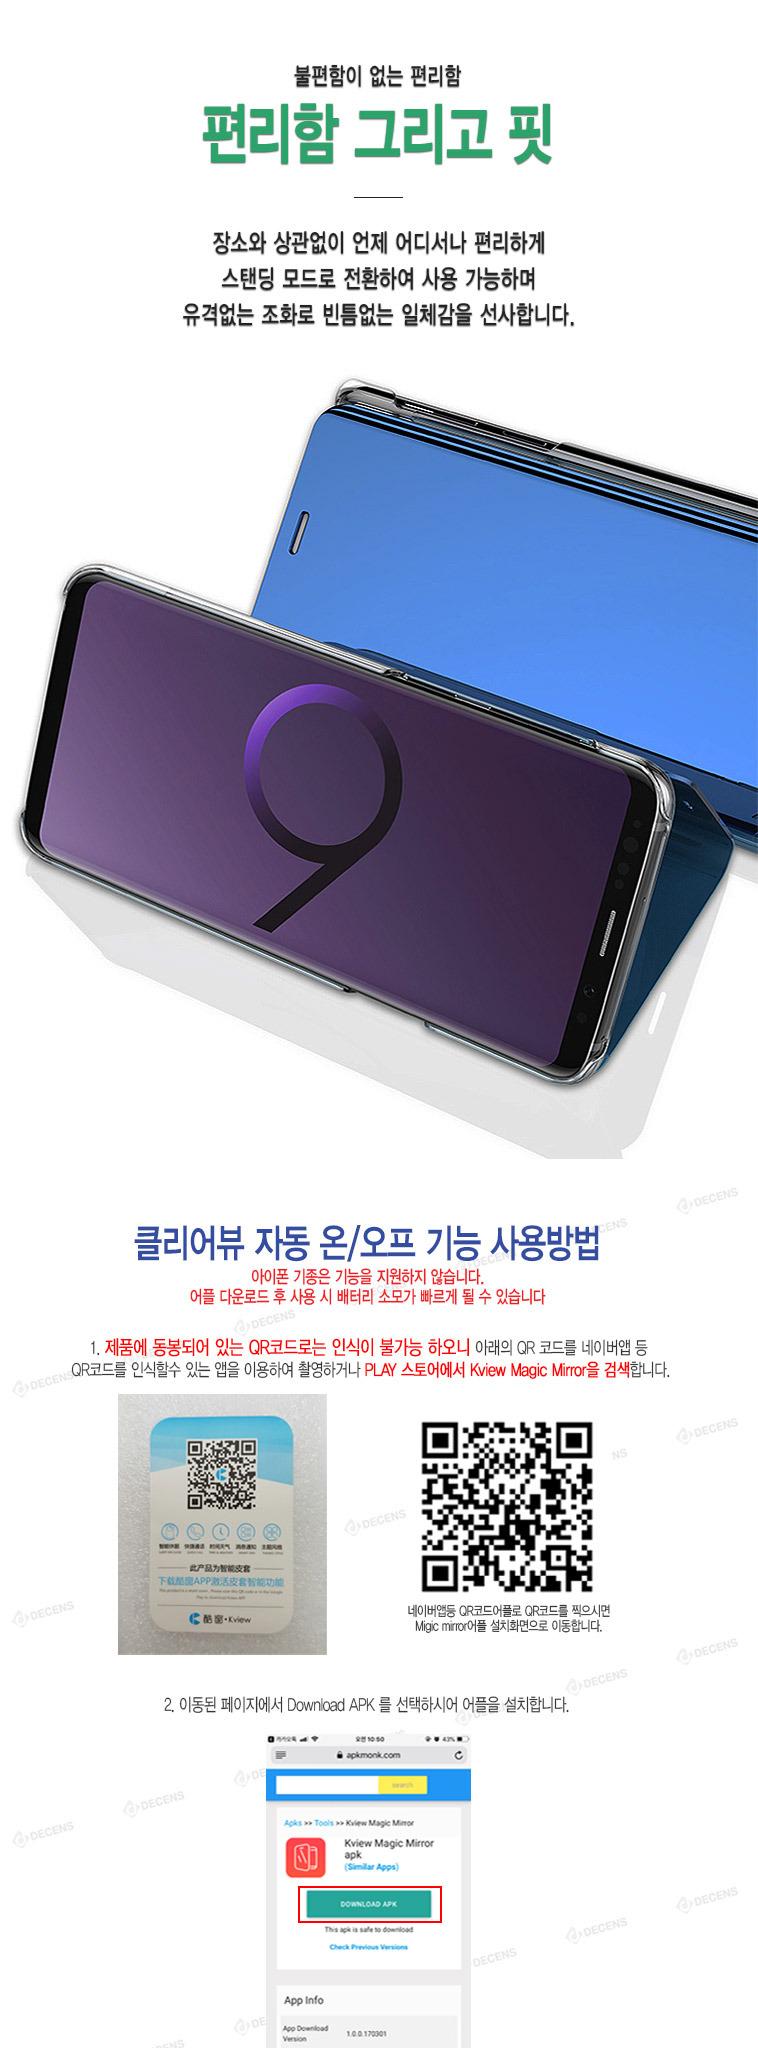 갤럭시노트9/노트9 케이스 - 특가대표! 위메프